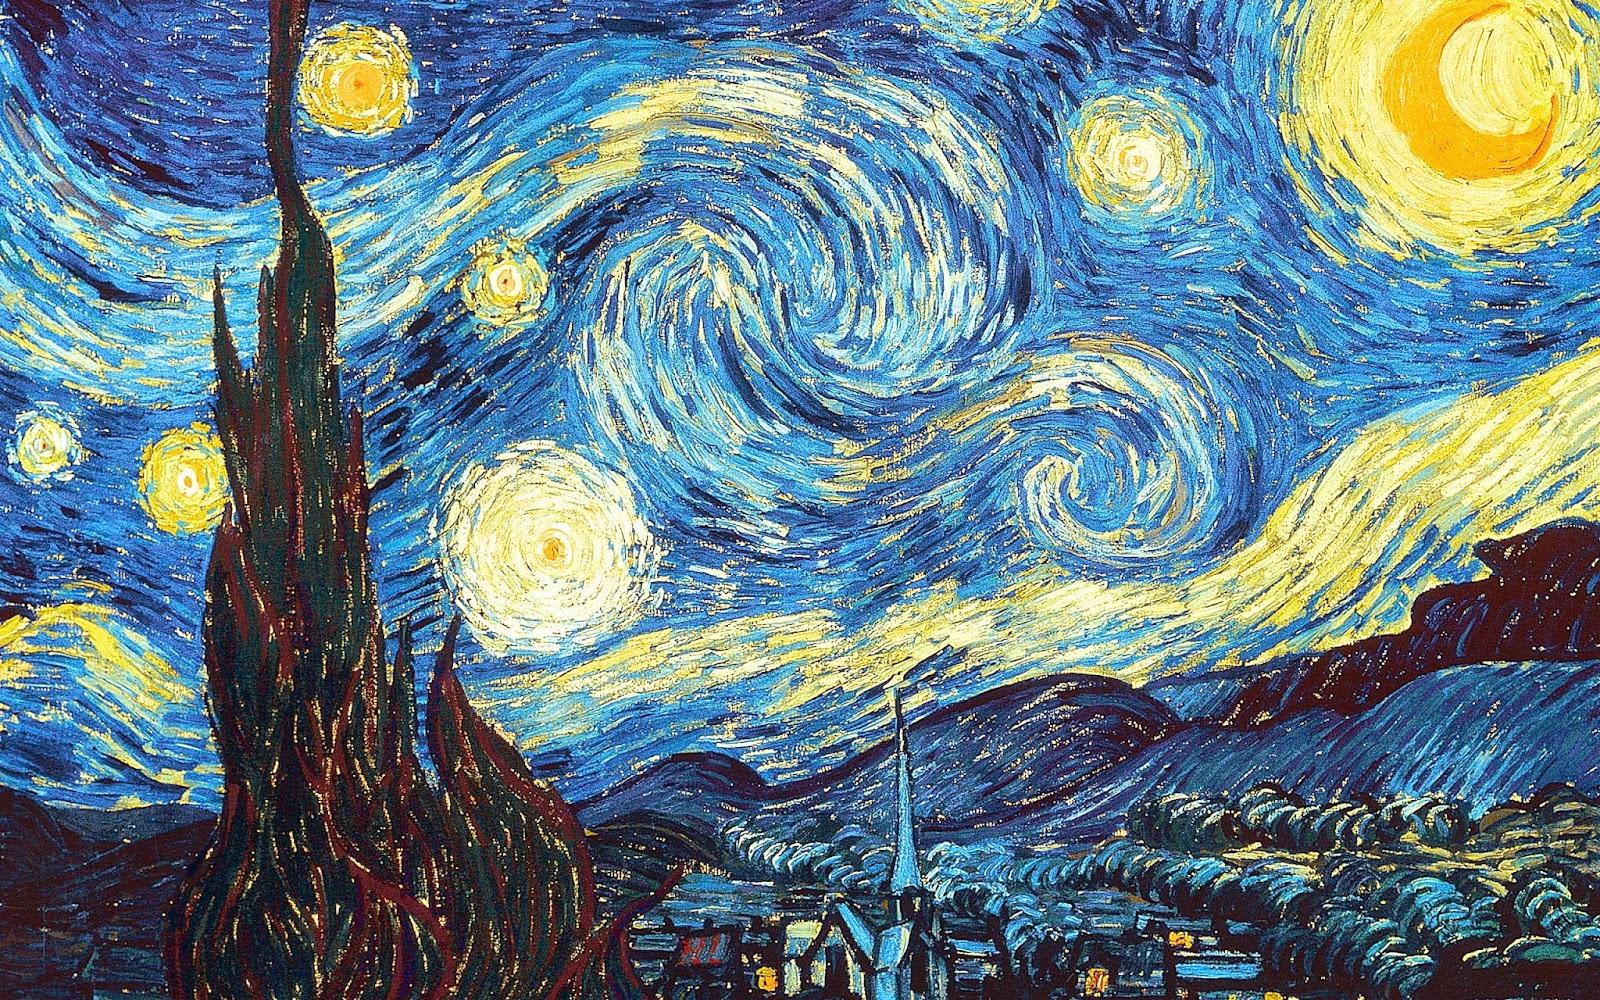 stairy night by van gough image